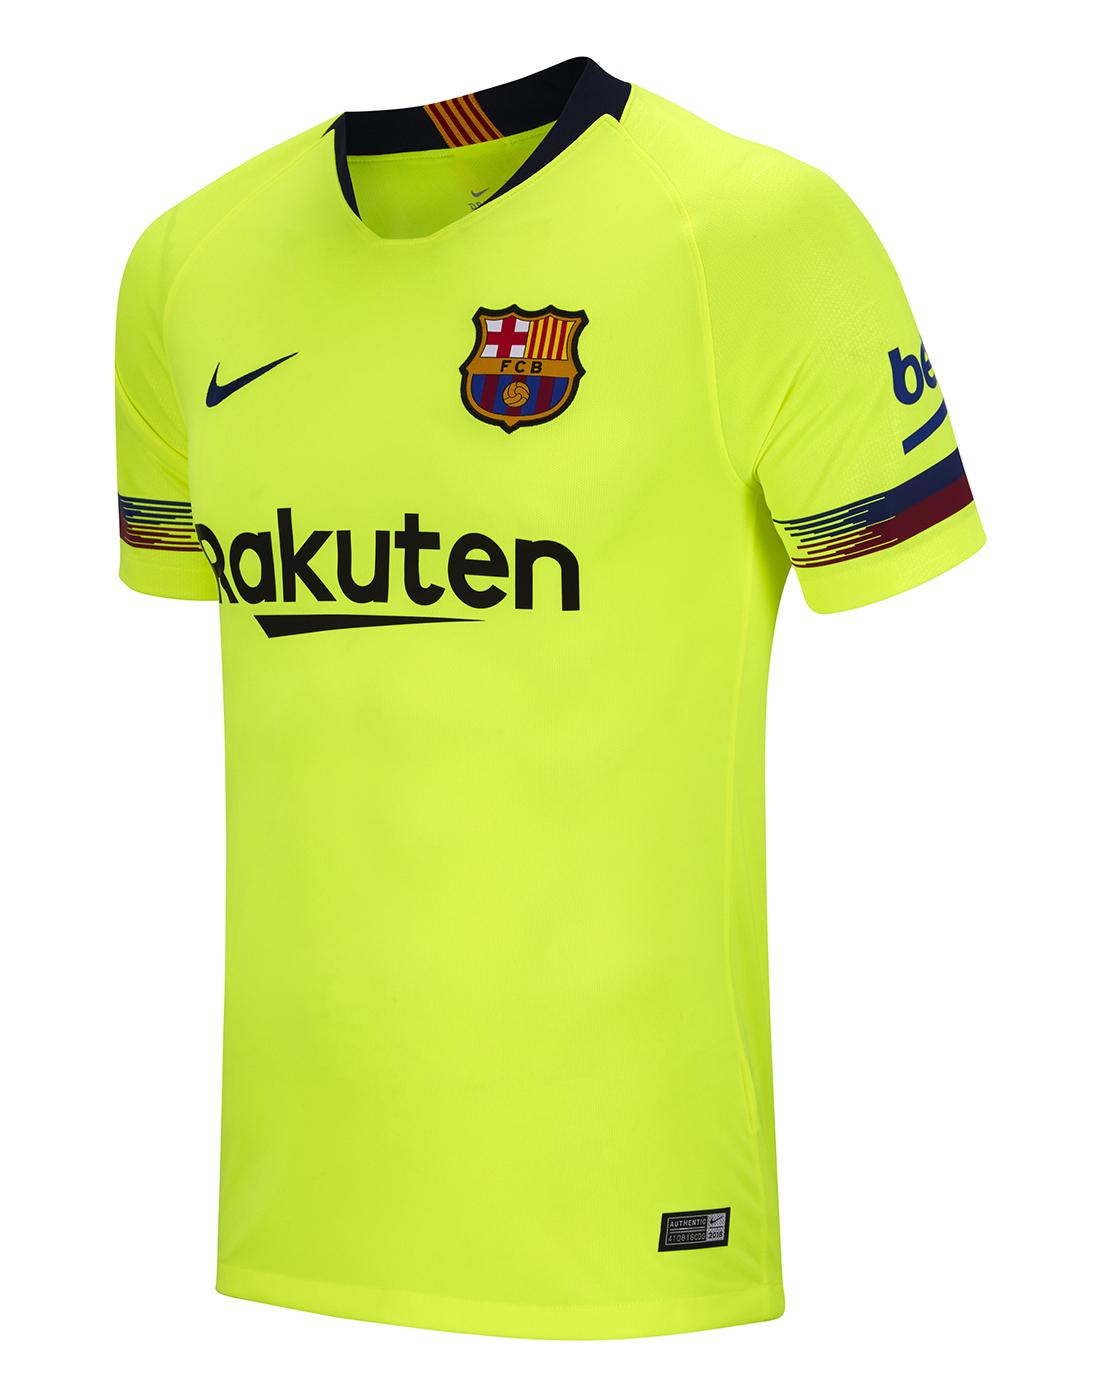 Jornal diz que Barcelona terá camisa quadriculada à lá Croácia  veja ... 1cb260c65af55